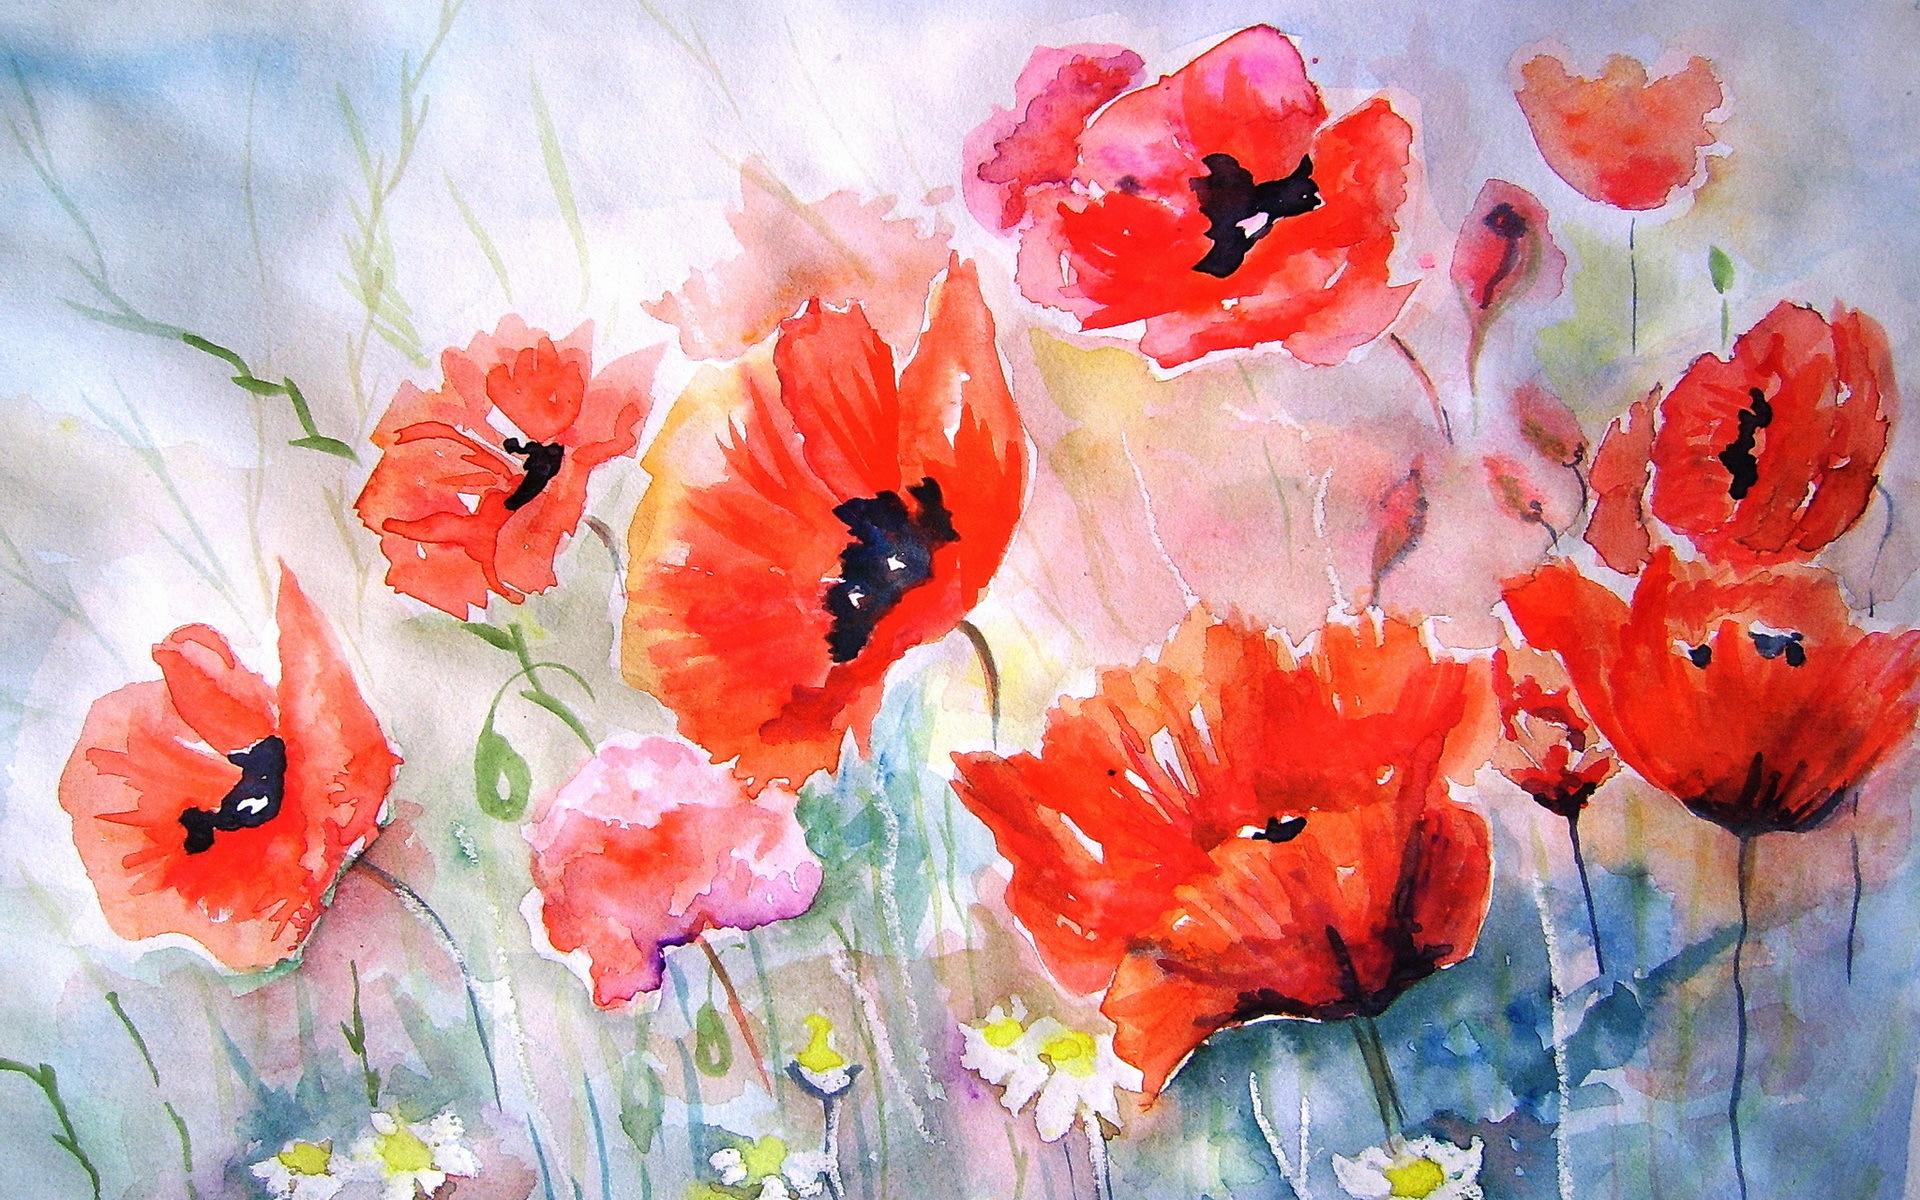 48 Watercolor Painting Wallpapers On Wallpapersafari